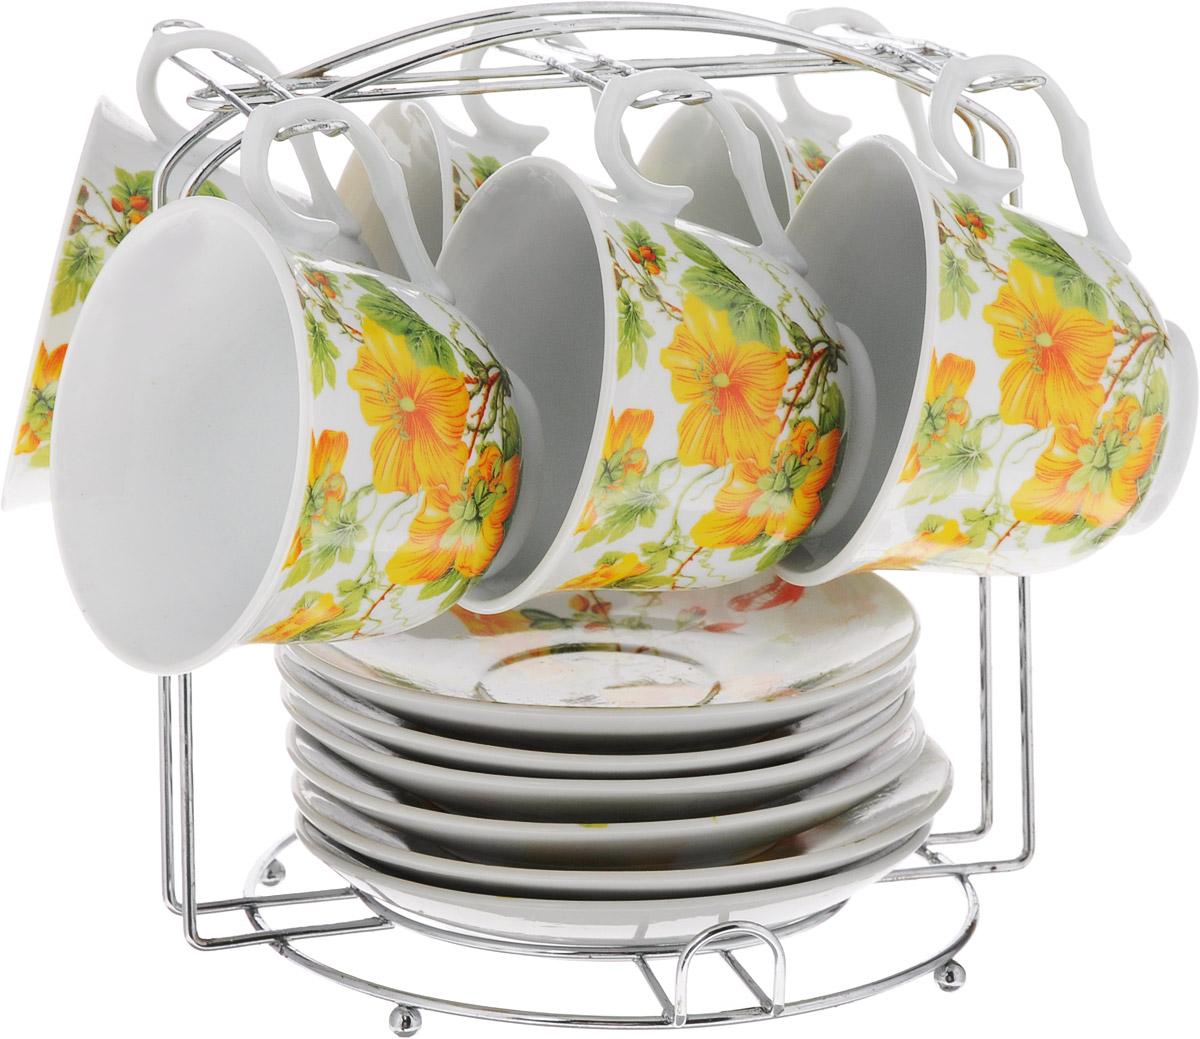 Набор чайный Bella, на подставке, 13 предметов. DL-P6MS-171DL-P6MS-171Набор Bella состоит из шести чашек и шести блюдец, изготовленных из высококачественного фарфора. Чашки оформлены красочным цветочным рисунком. Изделия расположены на металлической подставке. Такой набор подходит для подачи чая или кофе. Изящный дизайн придется по вкусу и ценителям классики, и тем, кто предпочитает утонченность и изысканность. Он настроит на позитивный лад и подарит хорошее настроение с самого утра. Чайный набор Bella - идеальный и необходимый подарок для вашего дома и для ваших друзей в праздники. Рекомендуется мыть вручную с применением любых моющих средств, предназначенных для мытья посуды и стекла. Кроме абразивных средств, так как может привести к появлению царапин на поверхности изделия и, соответственно, к ухудшению его внешнего вида. Объем чашки: 250 мл. Диаметр чашки (по верхнему краю): 9 см. Высота чашки: 7,3 см. Диаметр блюдца: 13,5 см. Высота блюдца: 2 см. Размер...